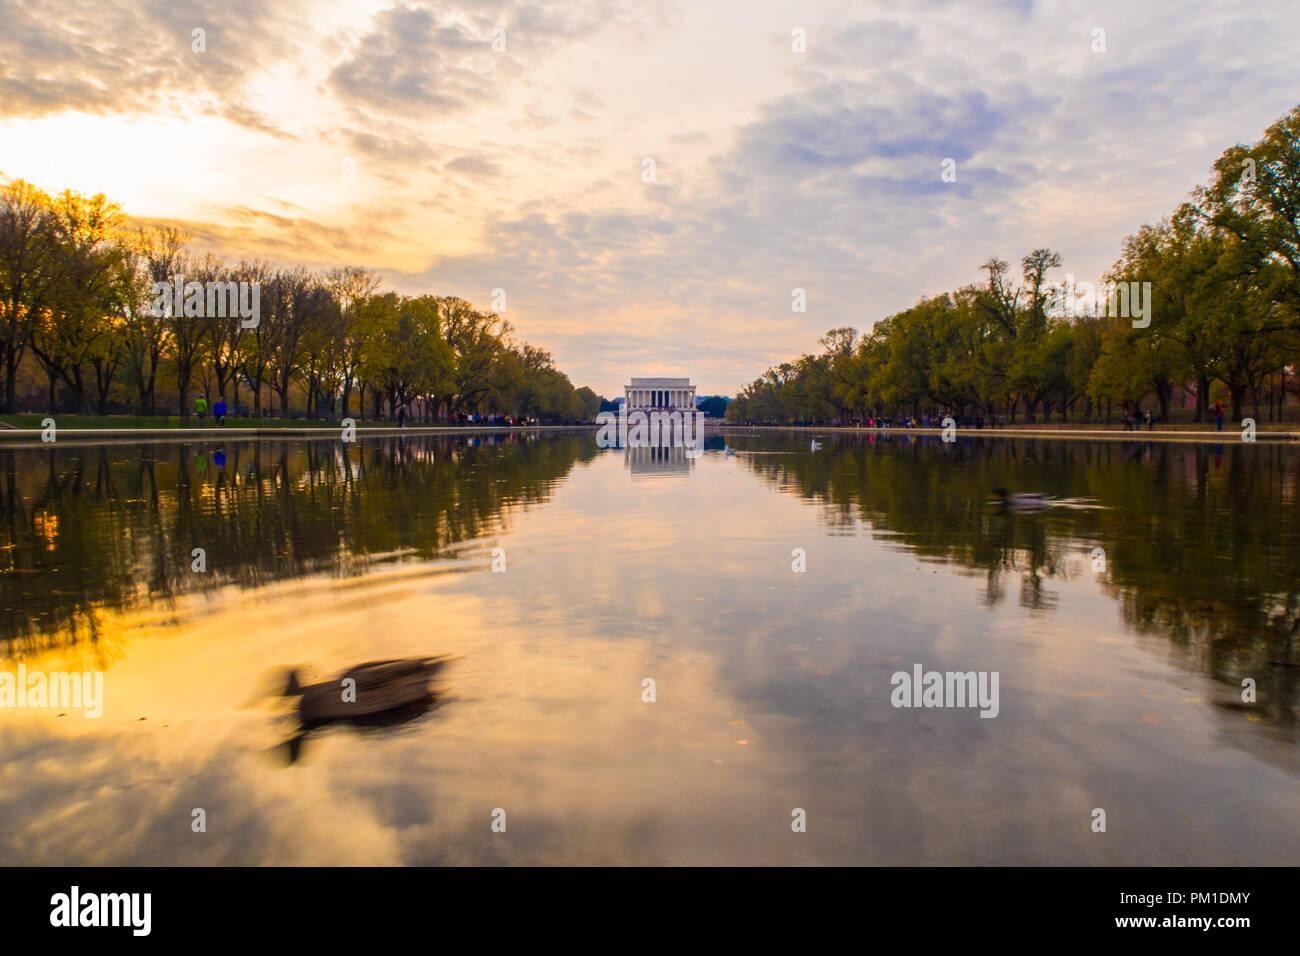 La Abraham Lincoln Memorial da tutta la piscina riflettente. Washington DC, Stati Uniti d'America. Una vista del Lincoln Memorial da tutta la piscina riflettente. Immagini Stock